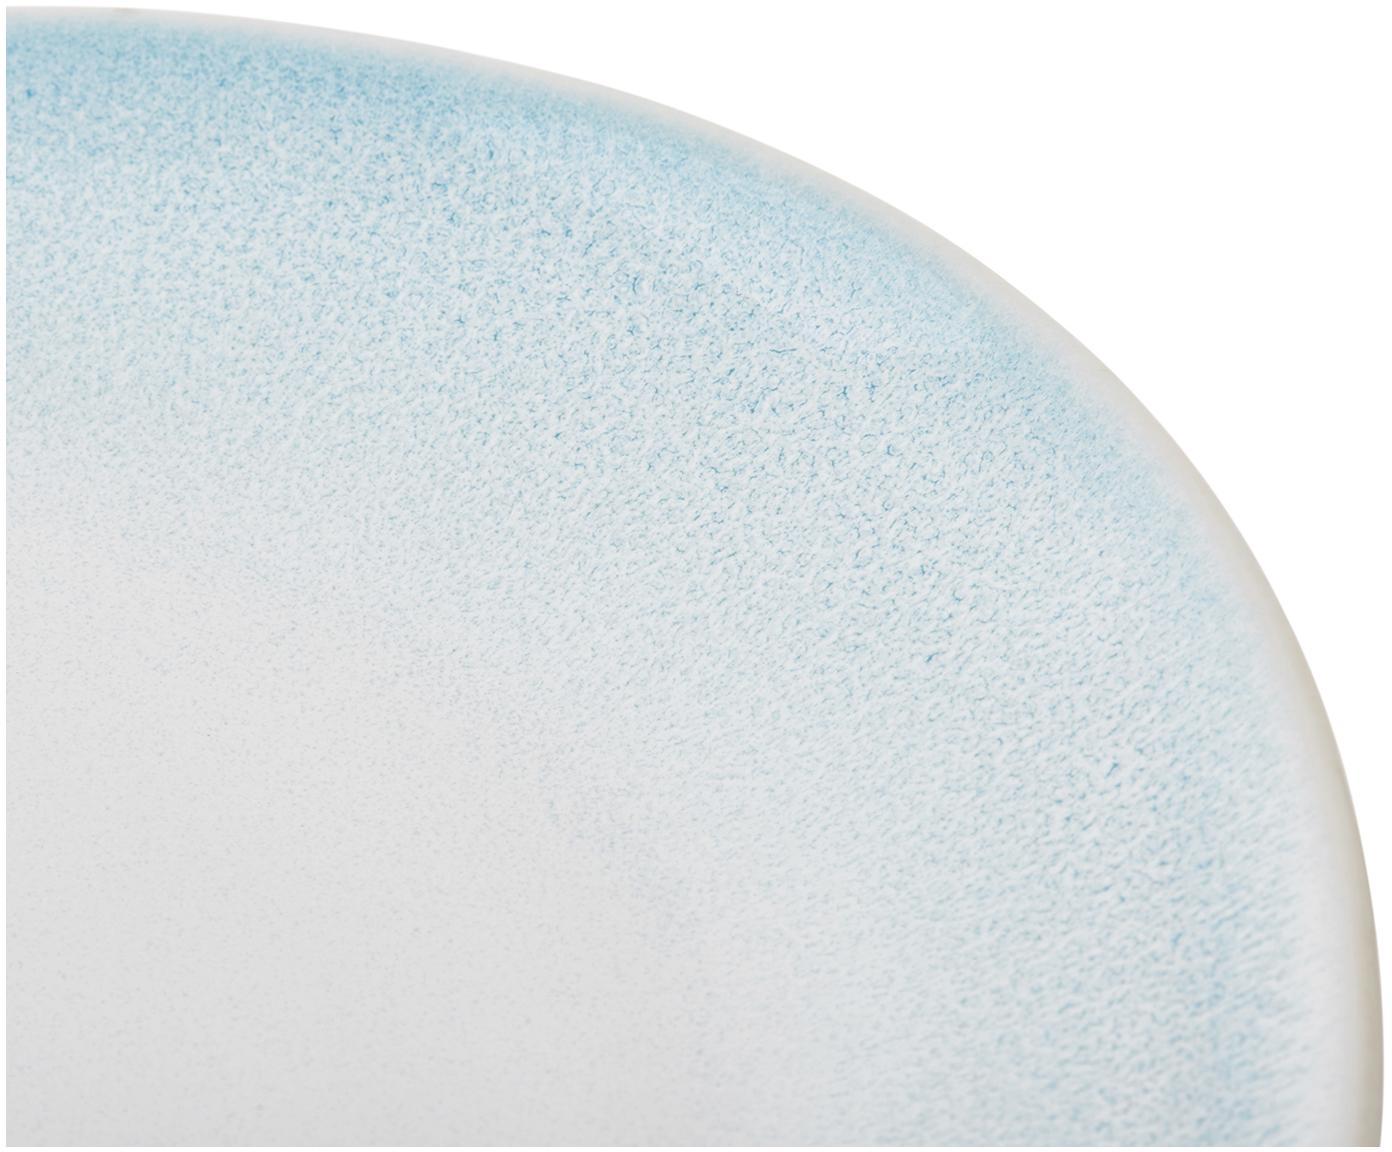 Handgemachte Speiseteller Amalia mit effektvoller Glasur, 2 Stück, Porzellan, Hellblau, Cremeweiss, Ø 25 cm